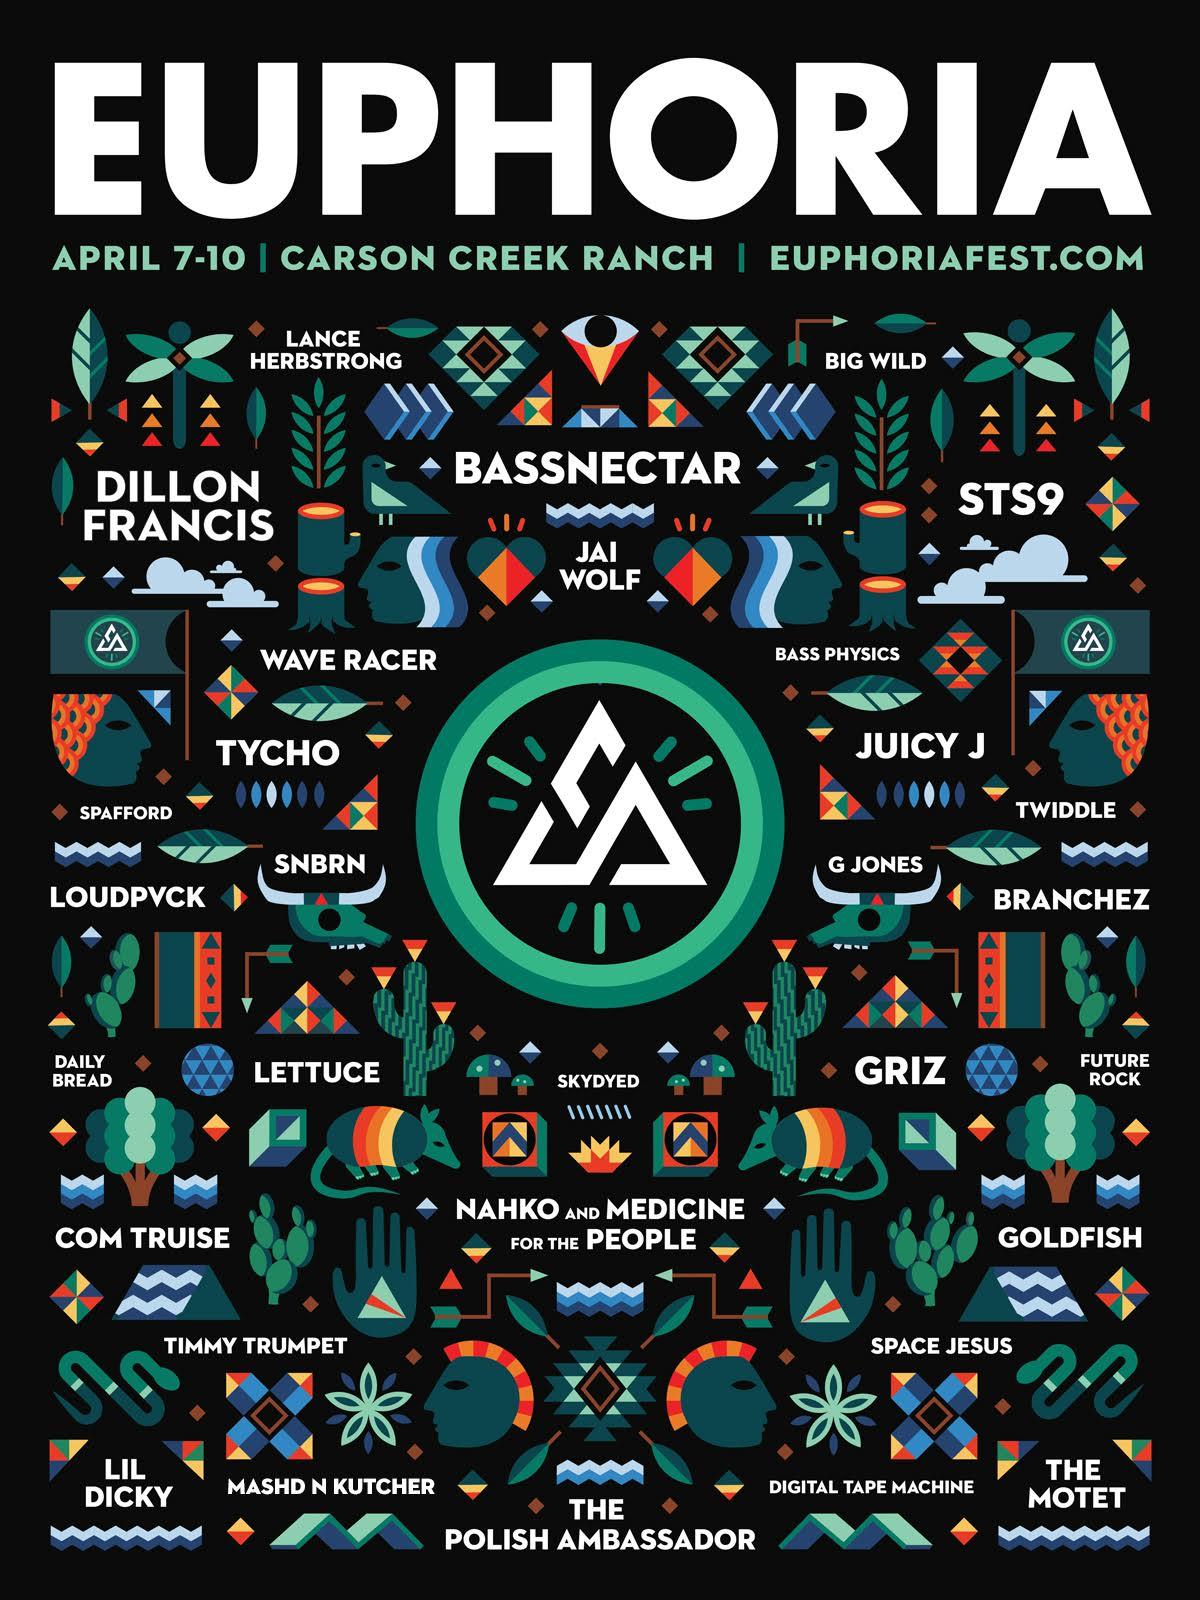 Euphoria Festival 2016 Lineup